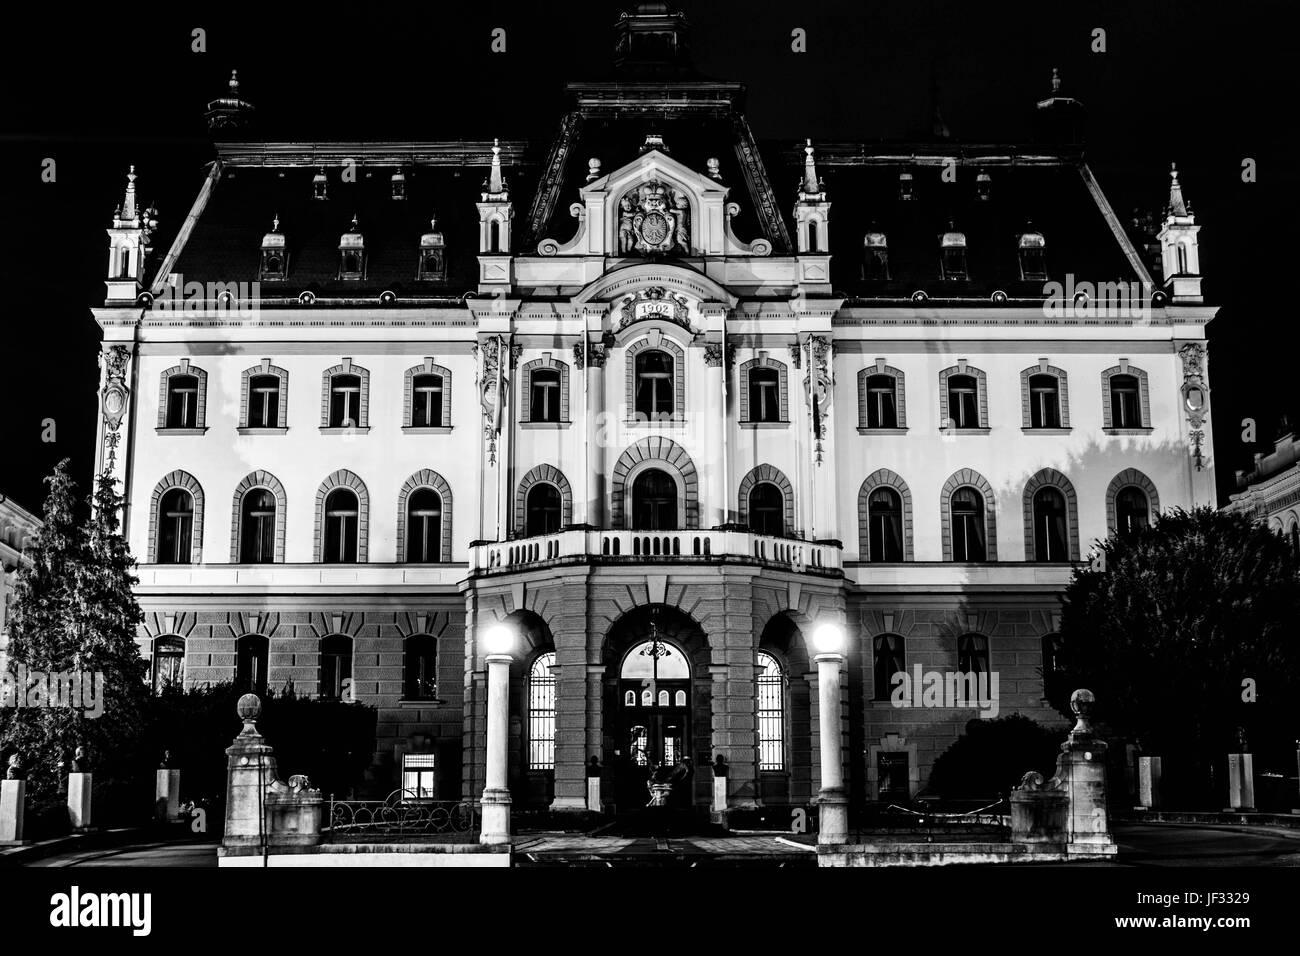 University of Ljubljana - Stock Image